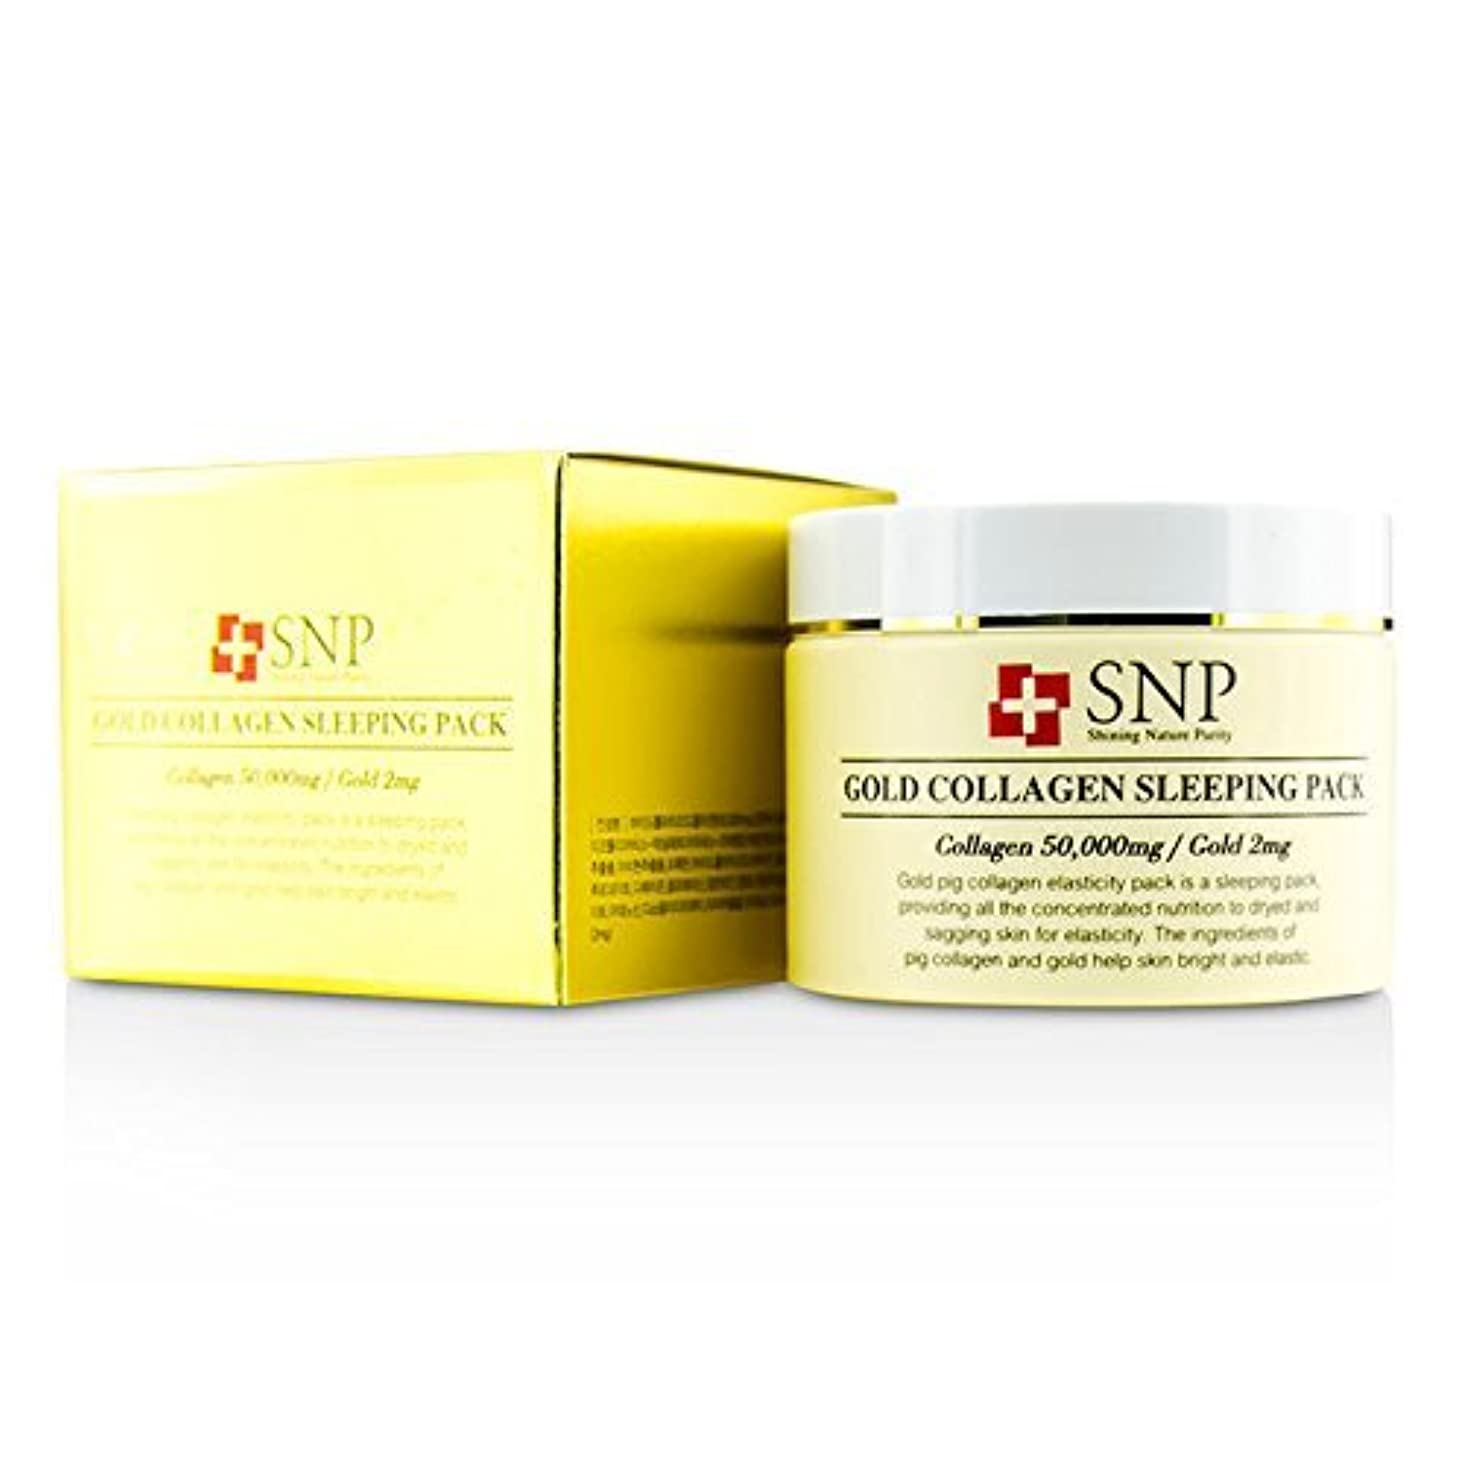 攻撃的クリスマスまあSNP ゴールドコラーゲン スリーピングパック Gold Collagen Sleeping Pack - Elasticity 100g/3.5oz [並行輸入品] 睡眠パック